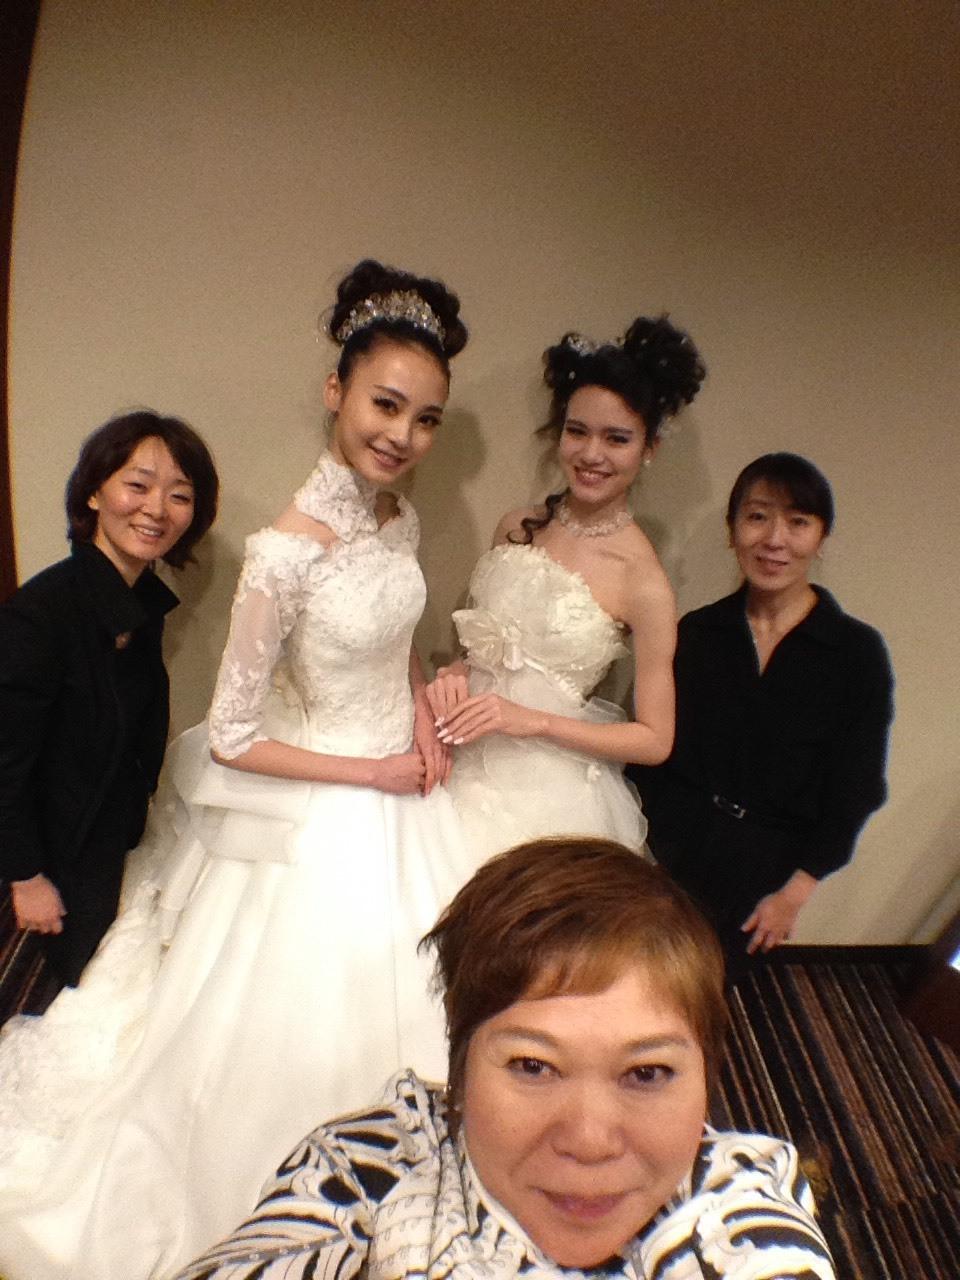 美容組合高度研修in金沢にて行われたコレクション形式のブライダルイベント_a0327601_14020754.jpg